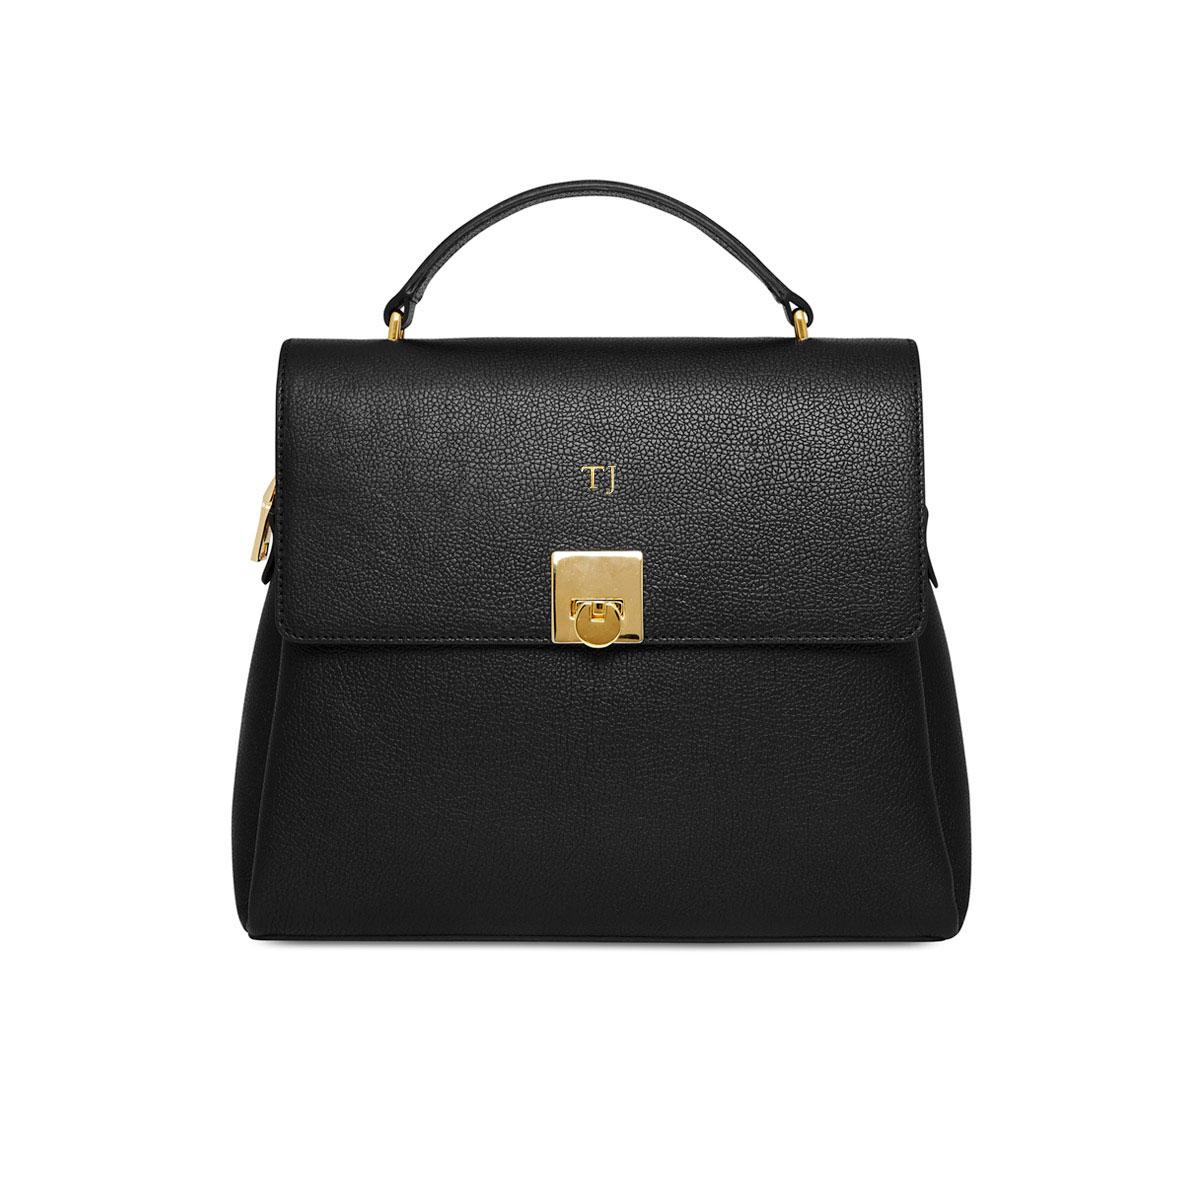 Grainy Black Top Handle Bag (Gold Zip)